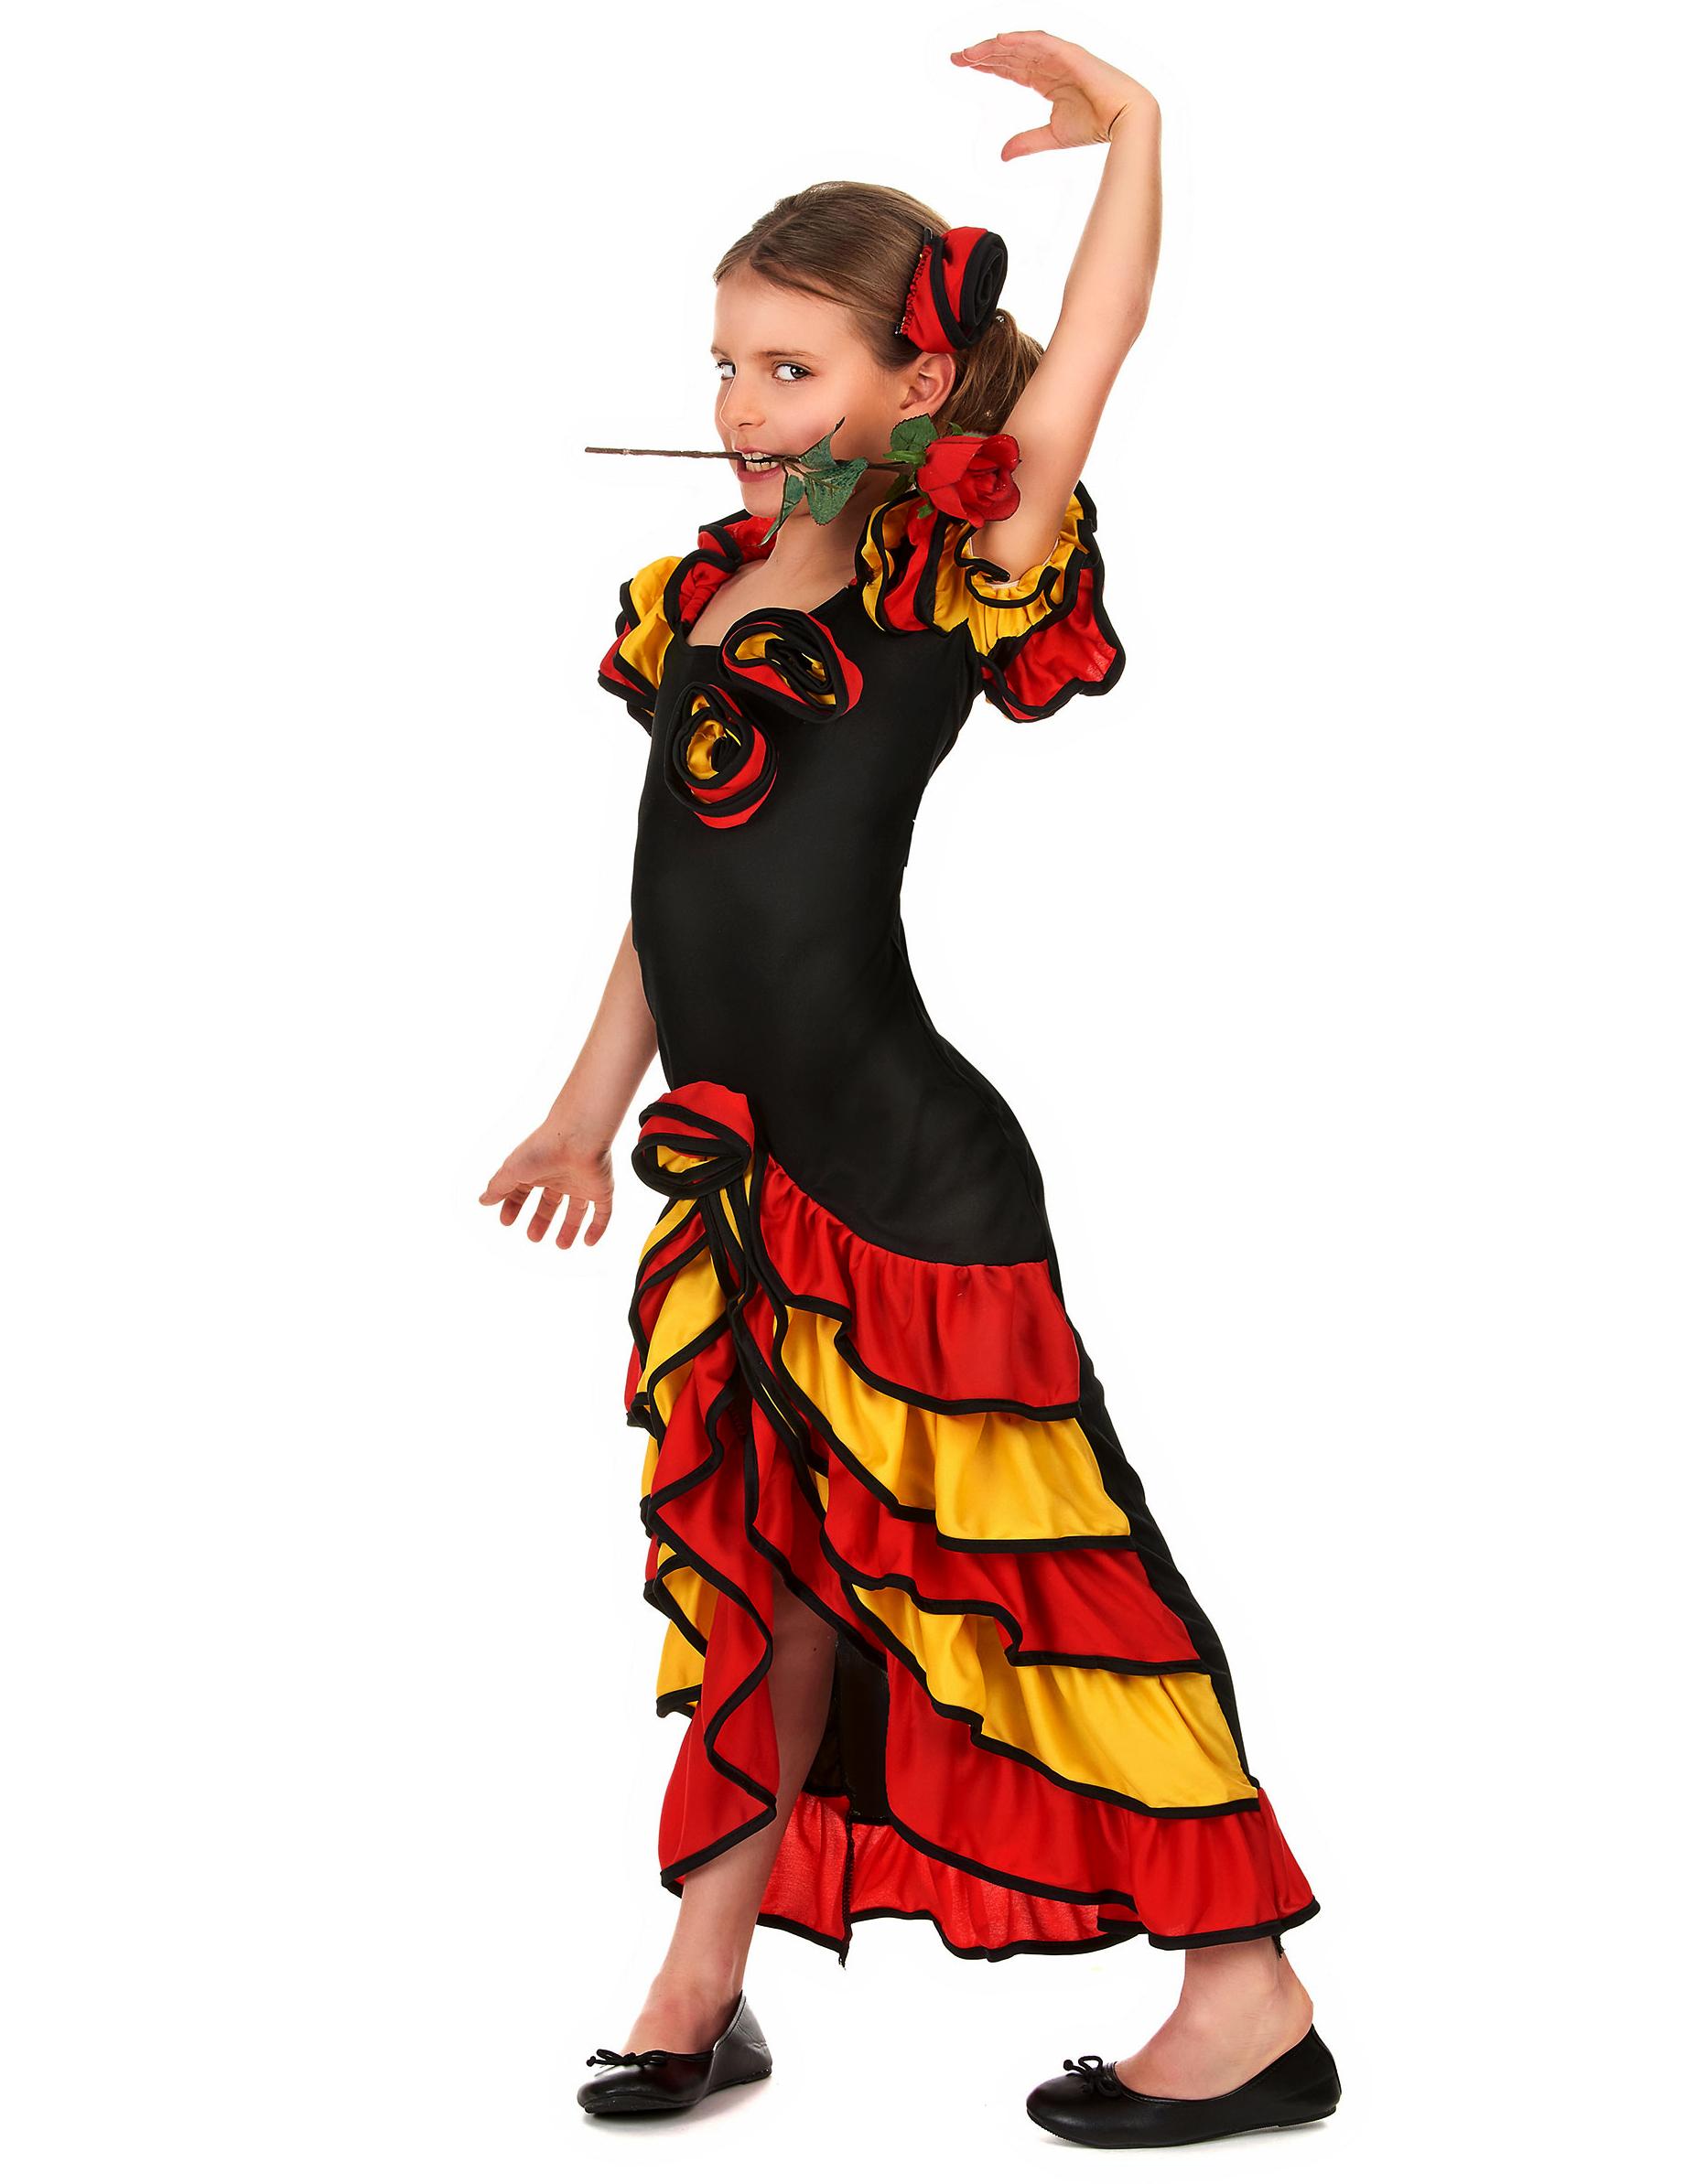 d guisement danseuse espagnole fille deguise toi achat de d guisements enfants. Black Bedroom Furniture Sets. Home Design Ideas